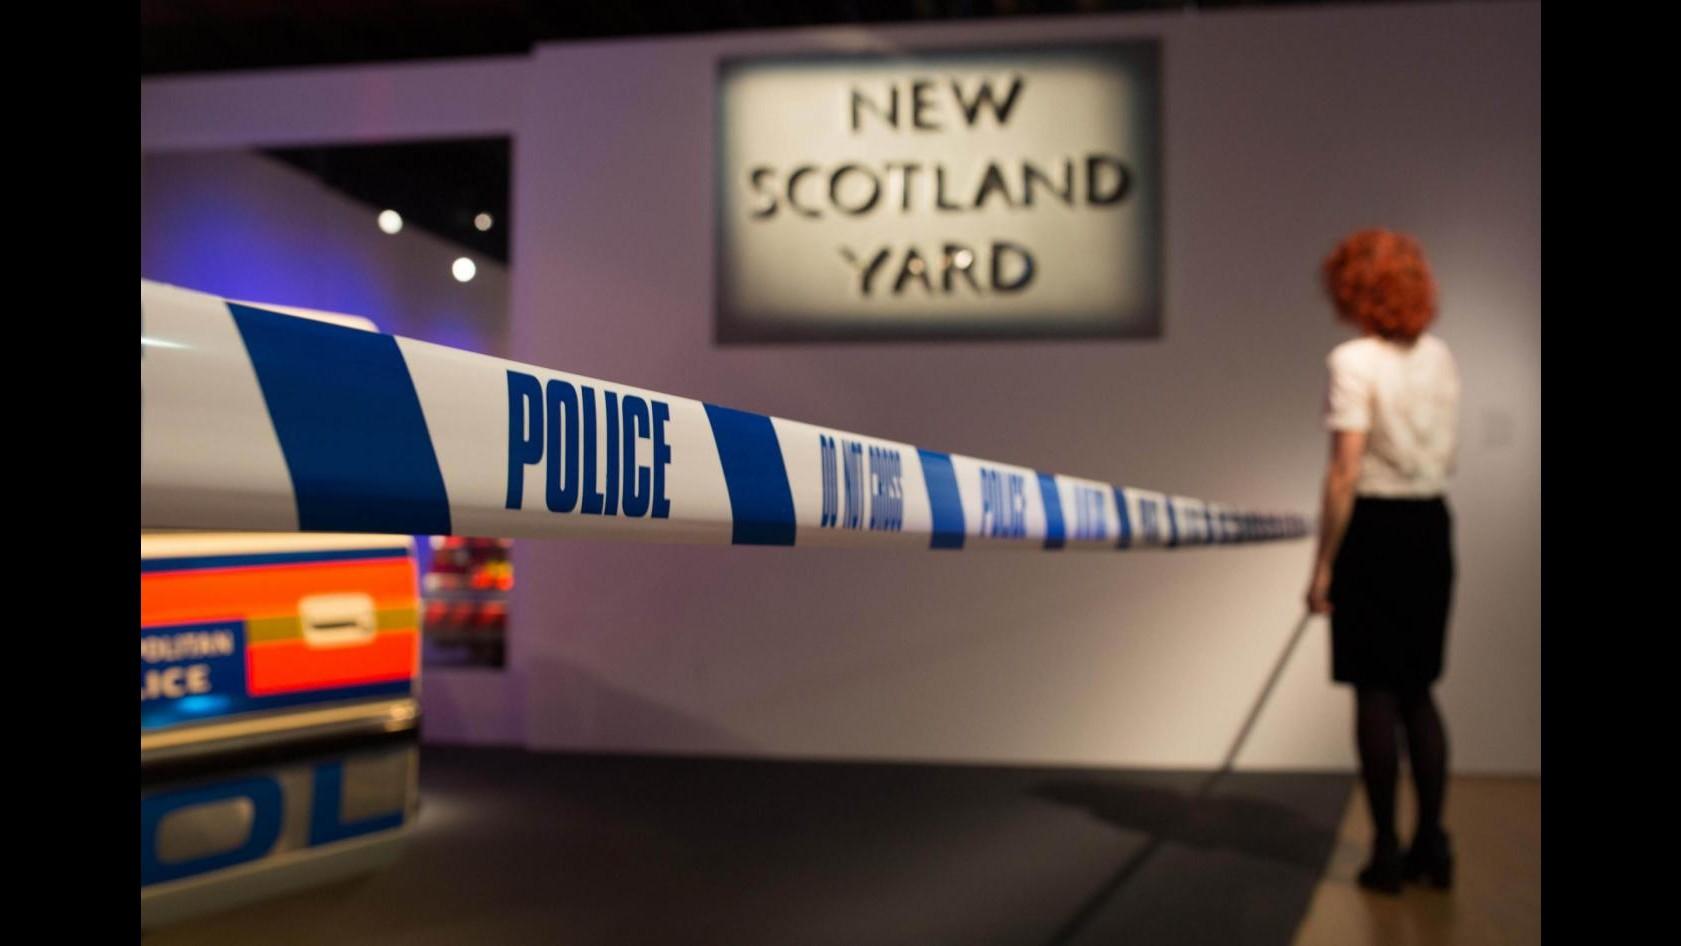 Londra, uccide 4 giovani con veleno: arrestato